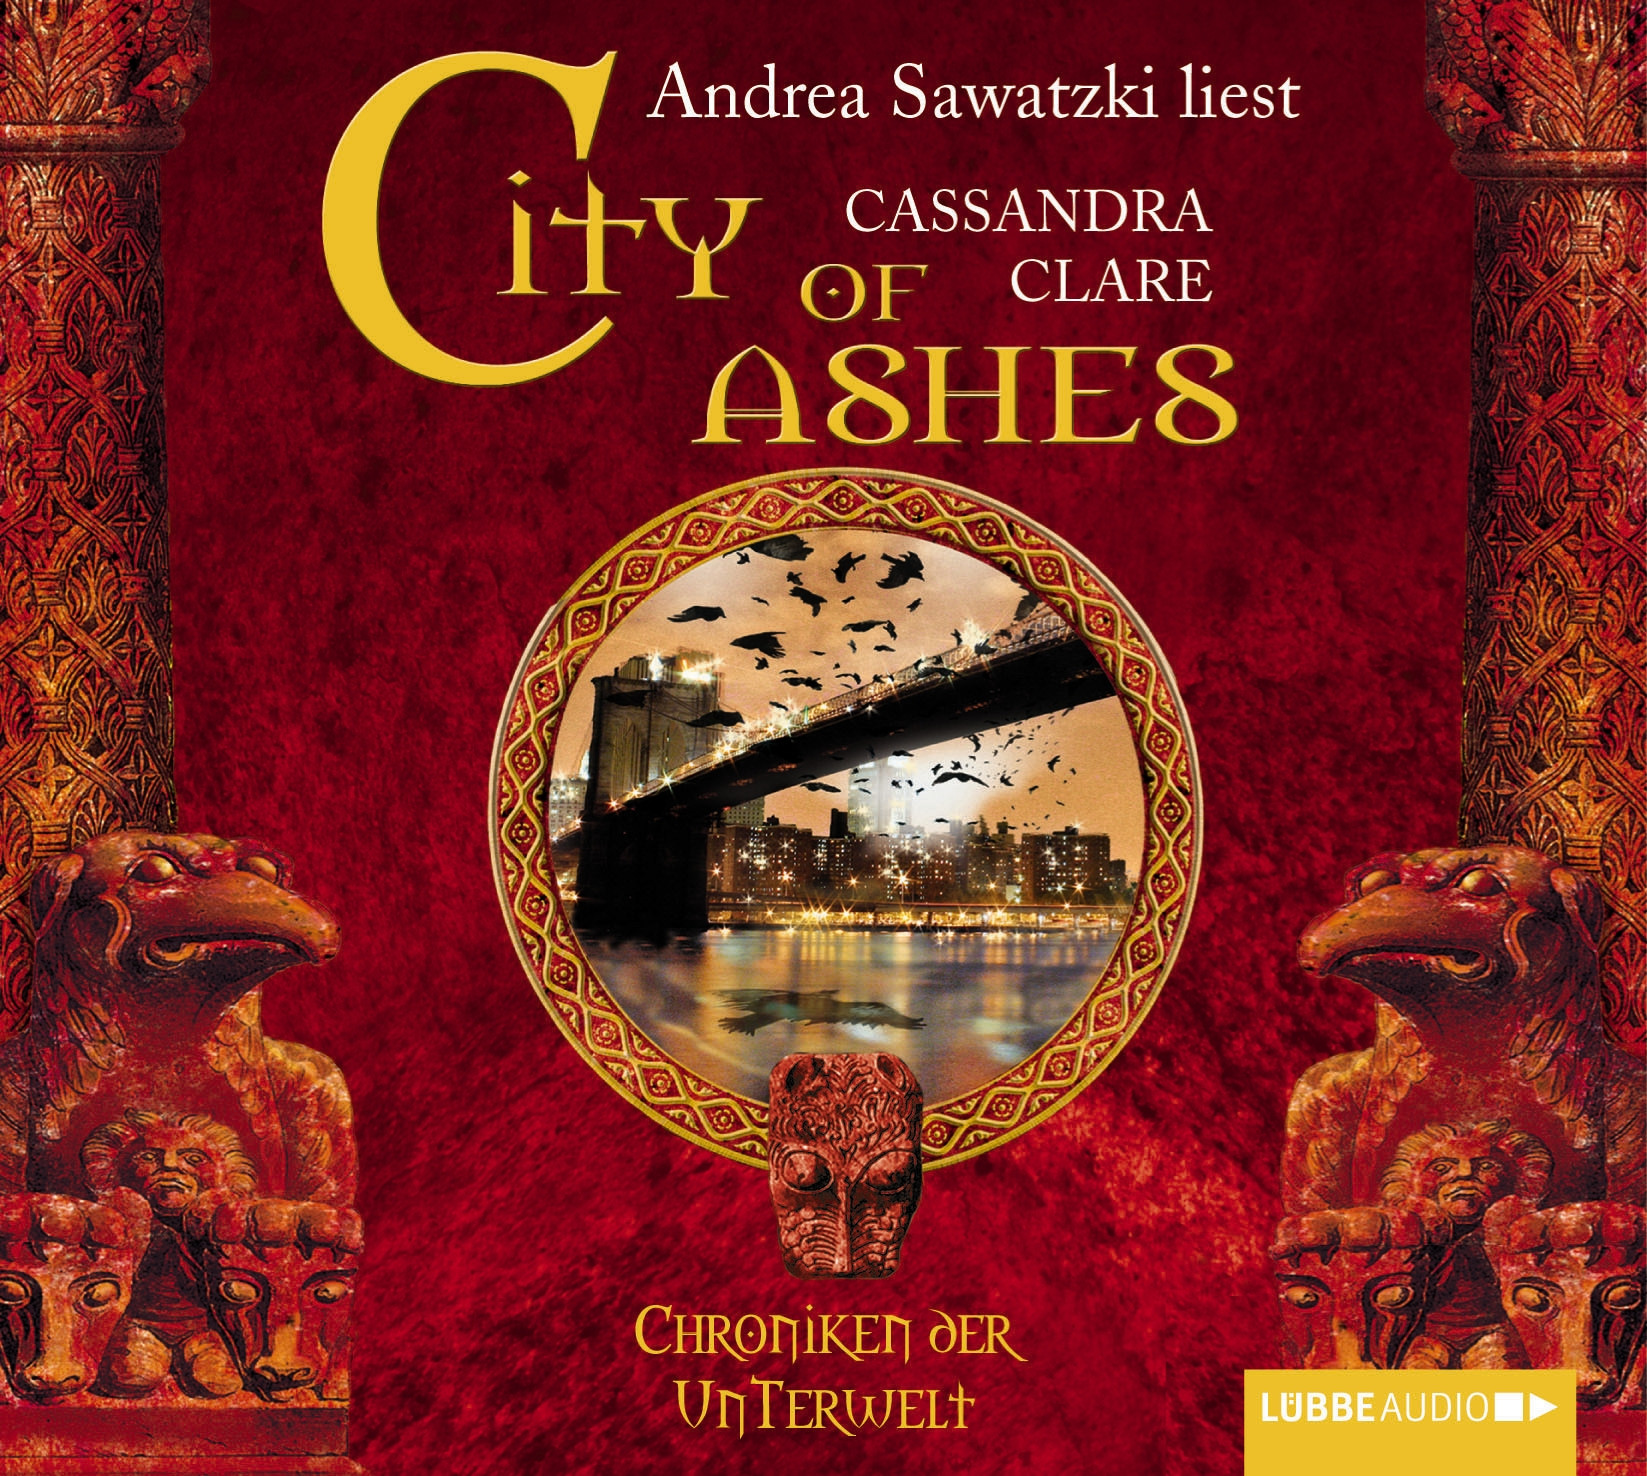 Cassandra Clare - City of Ashes (Bones II)